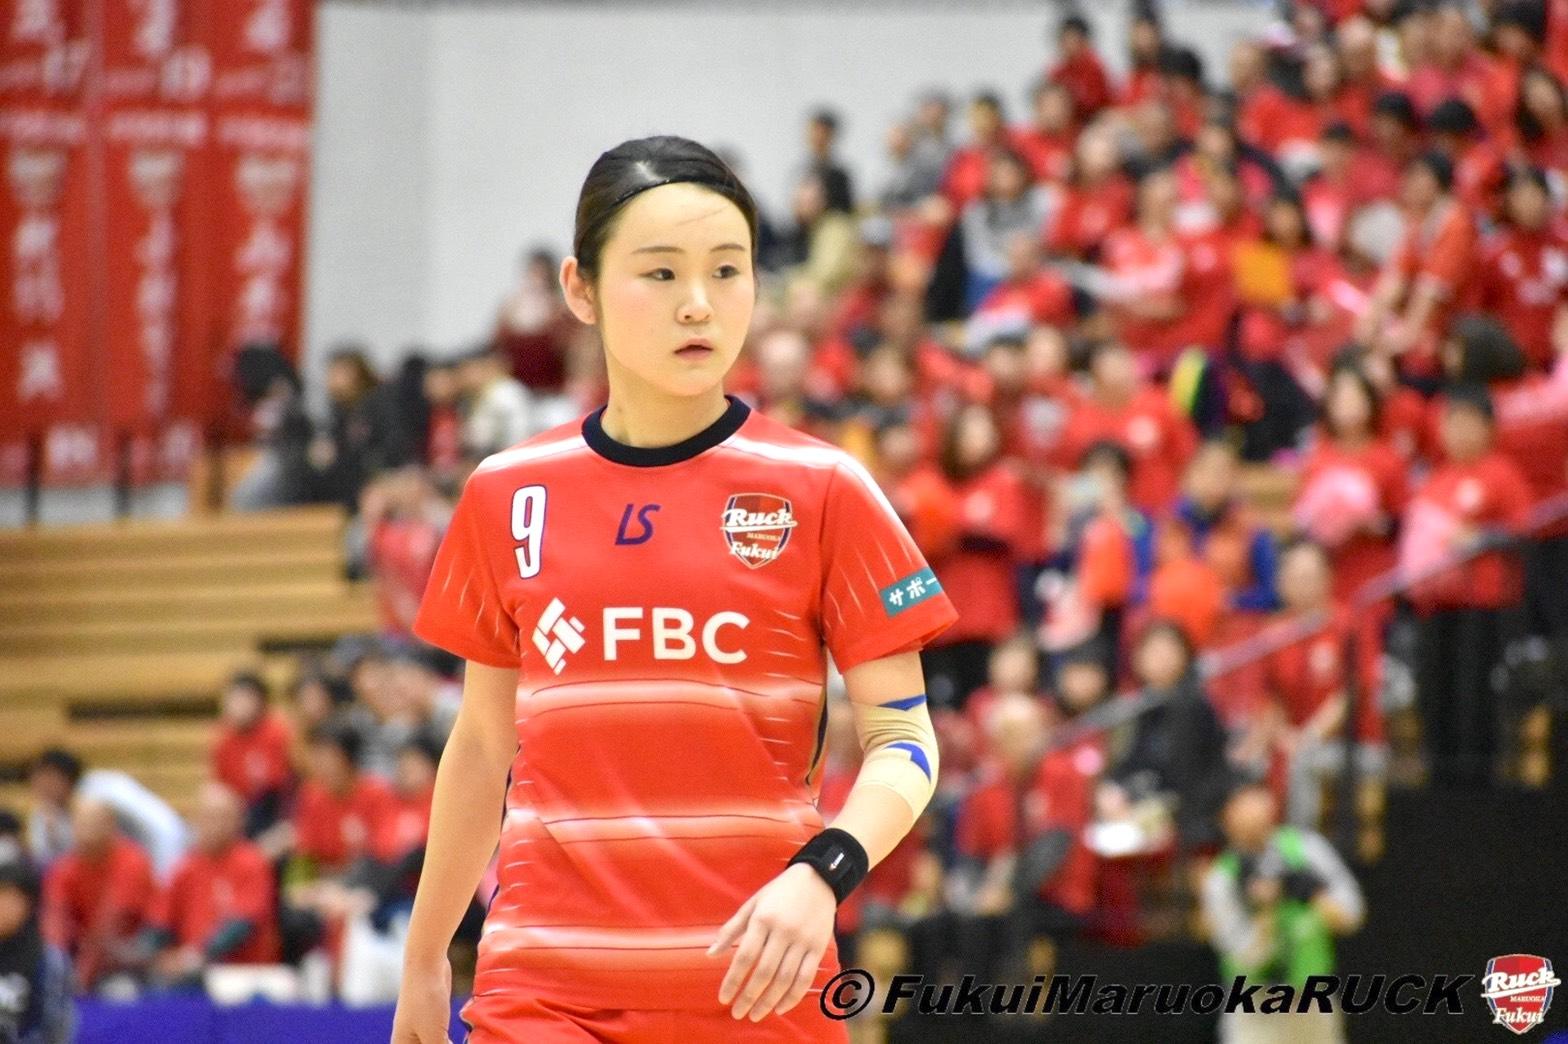 フットサル日本代表・北川夏奈選手上半身ショット